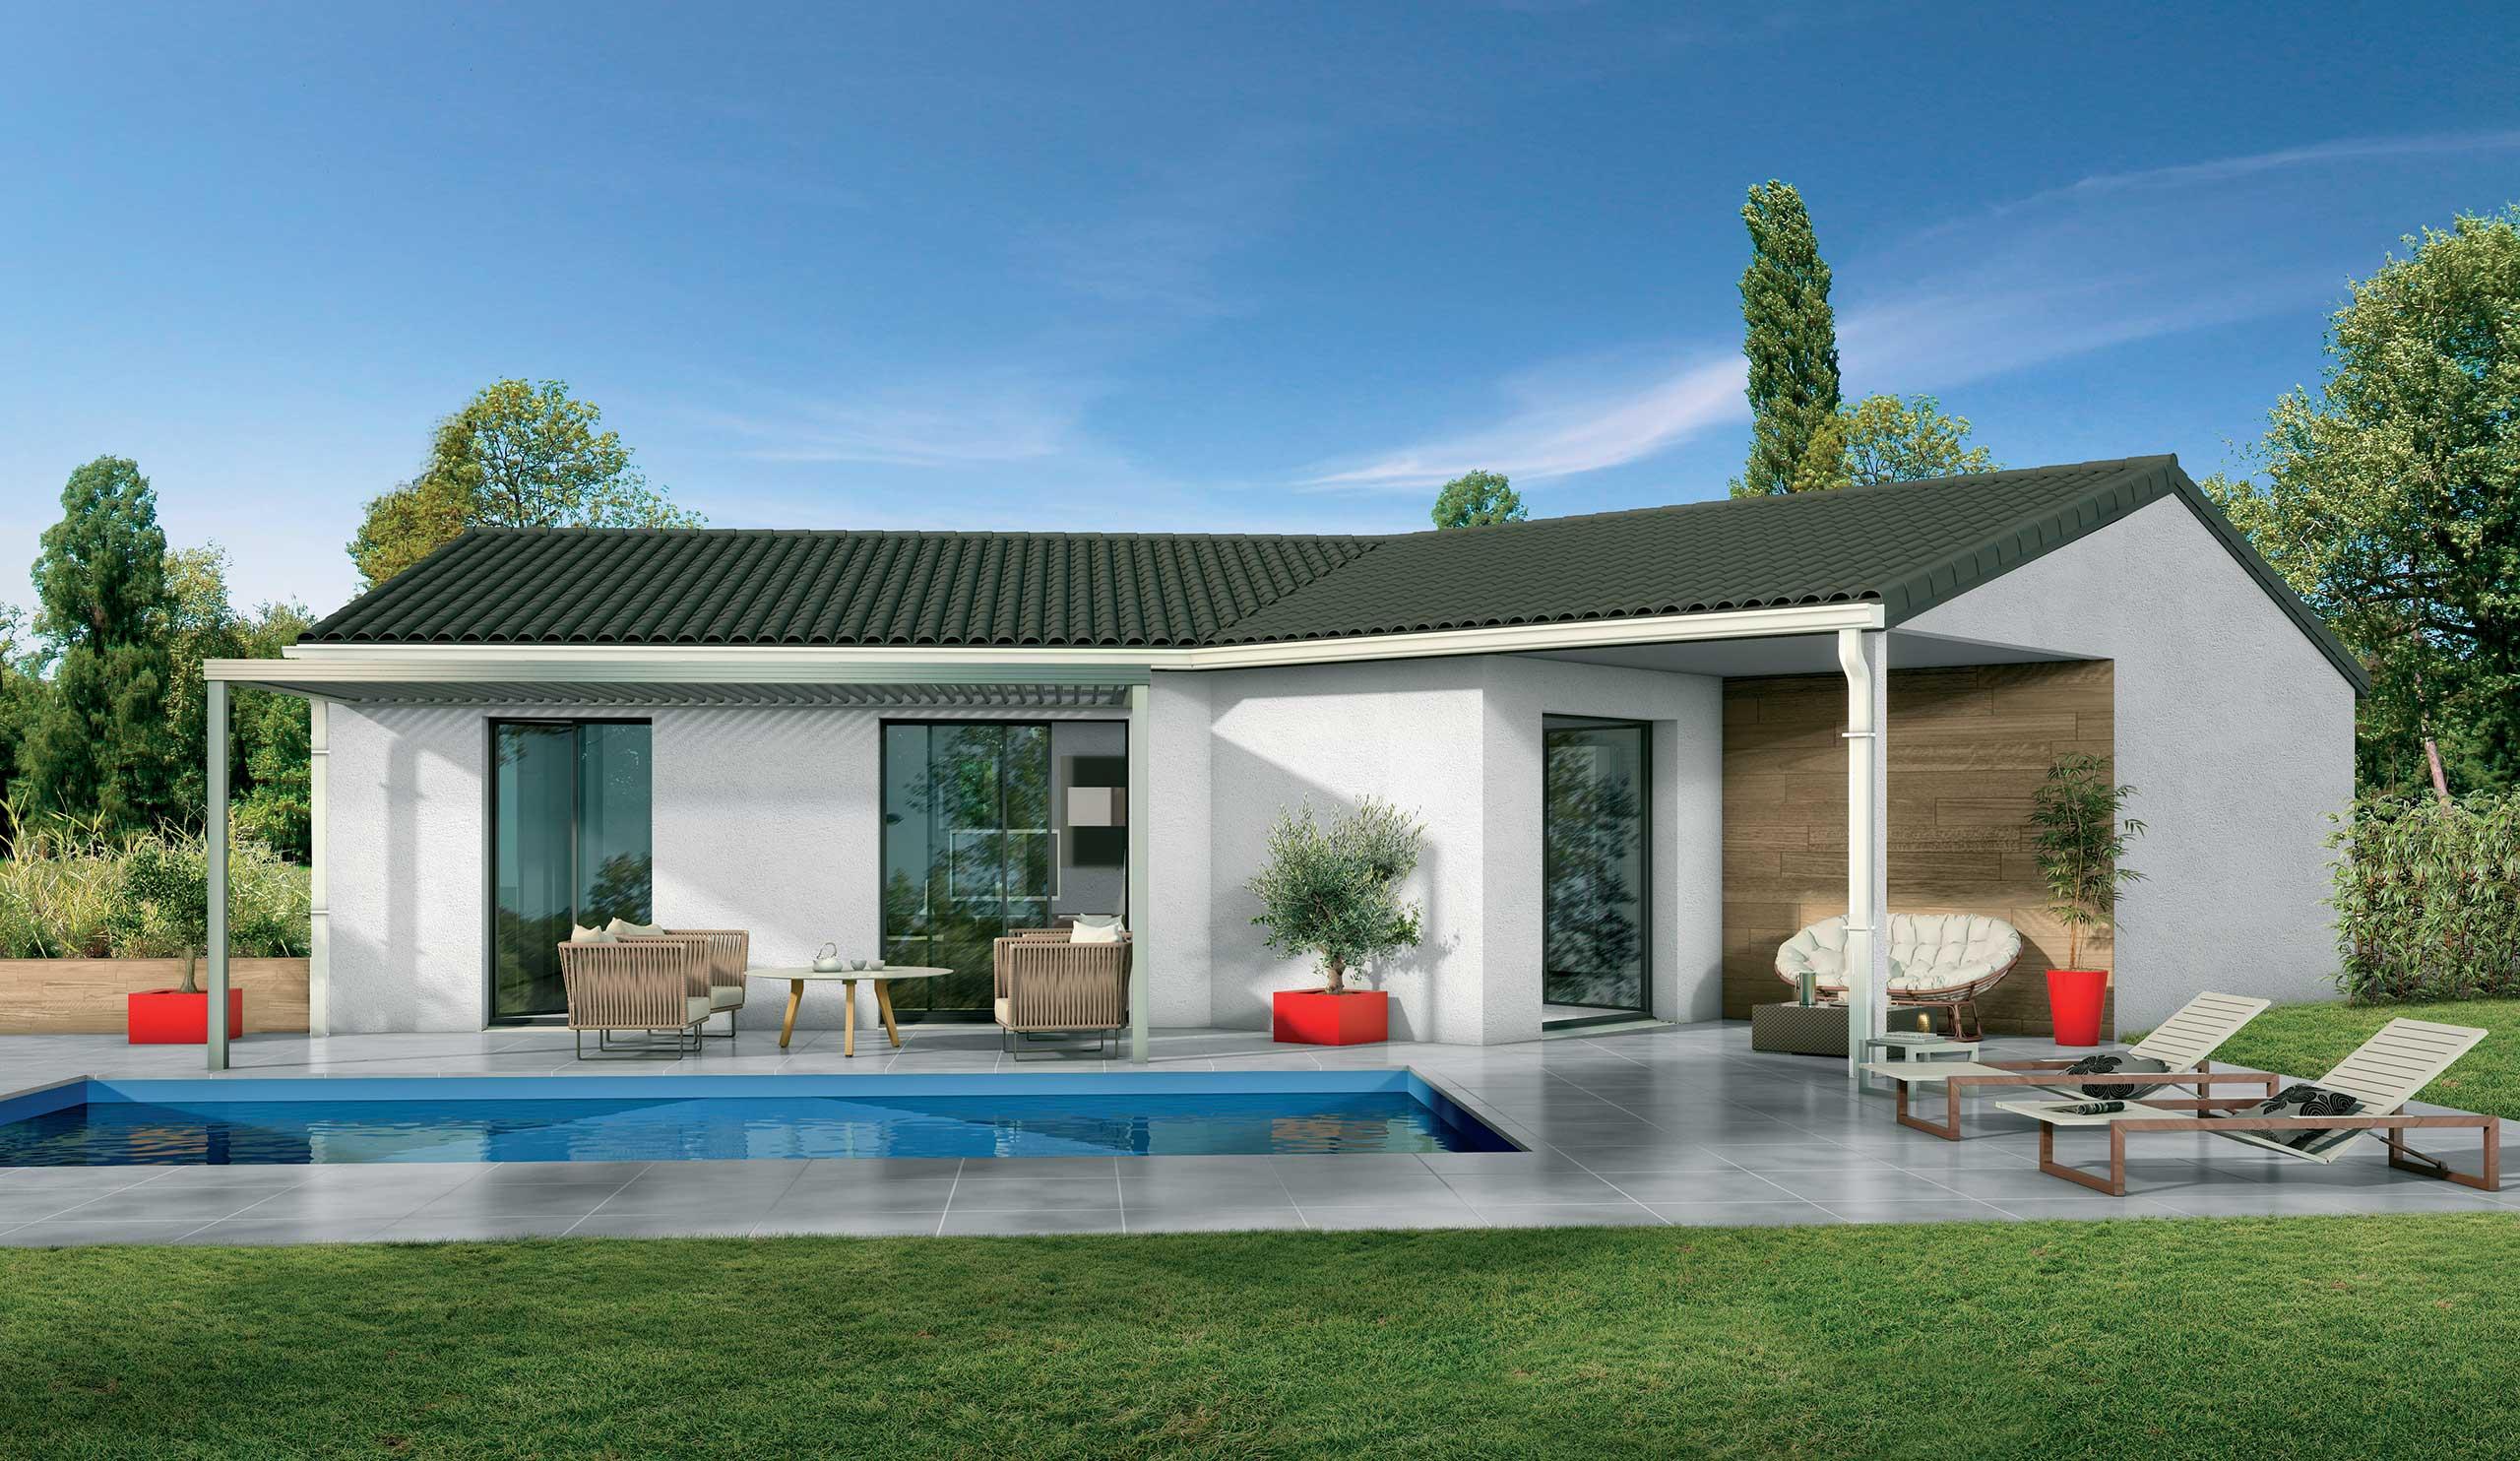 Maison Contemporaine Plain-Pied Ébène Avec Plans - Demeures ... encequiconcerne Maison Avec Terrasse Couverte